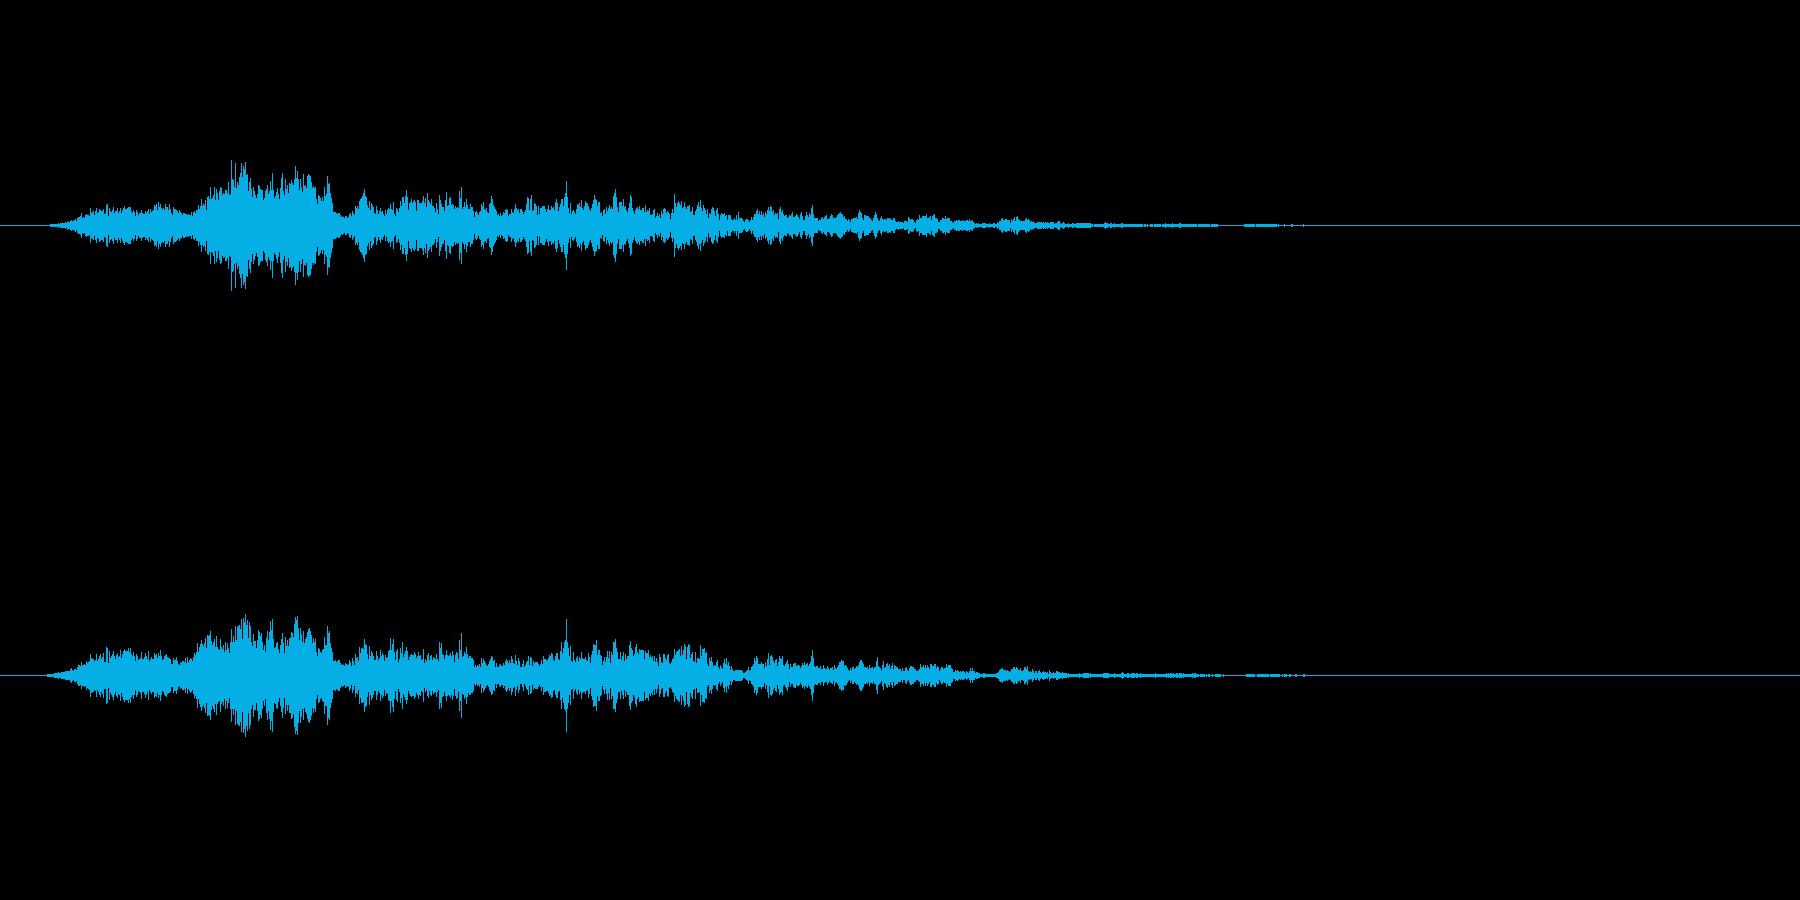 【SE 効果音】風(ホラー)3の再生済みの波形